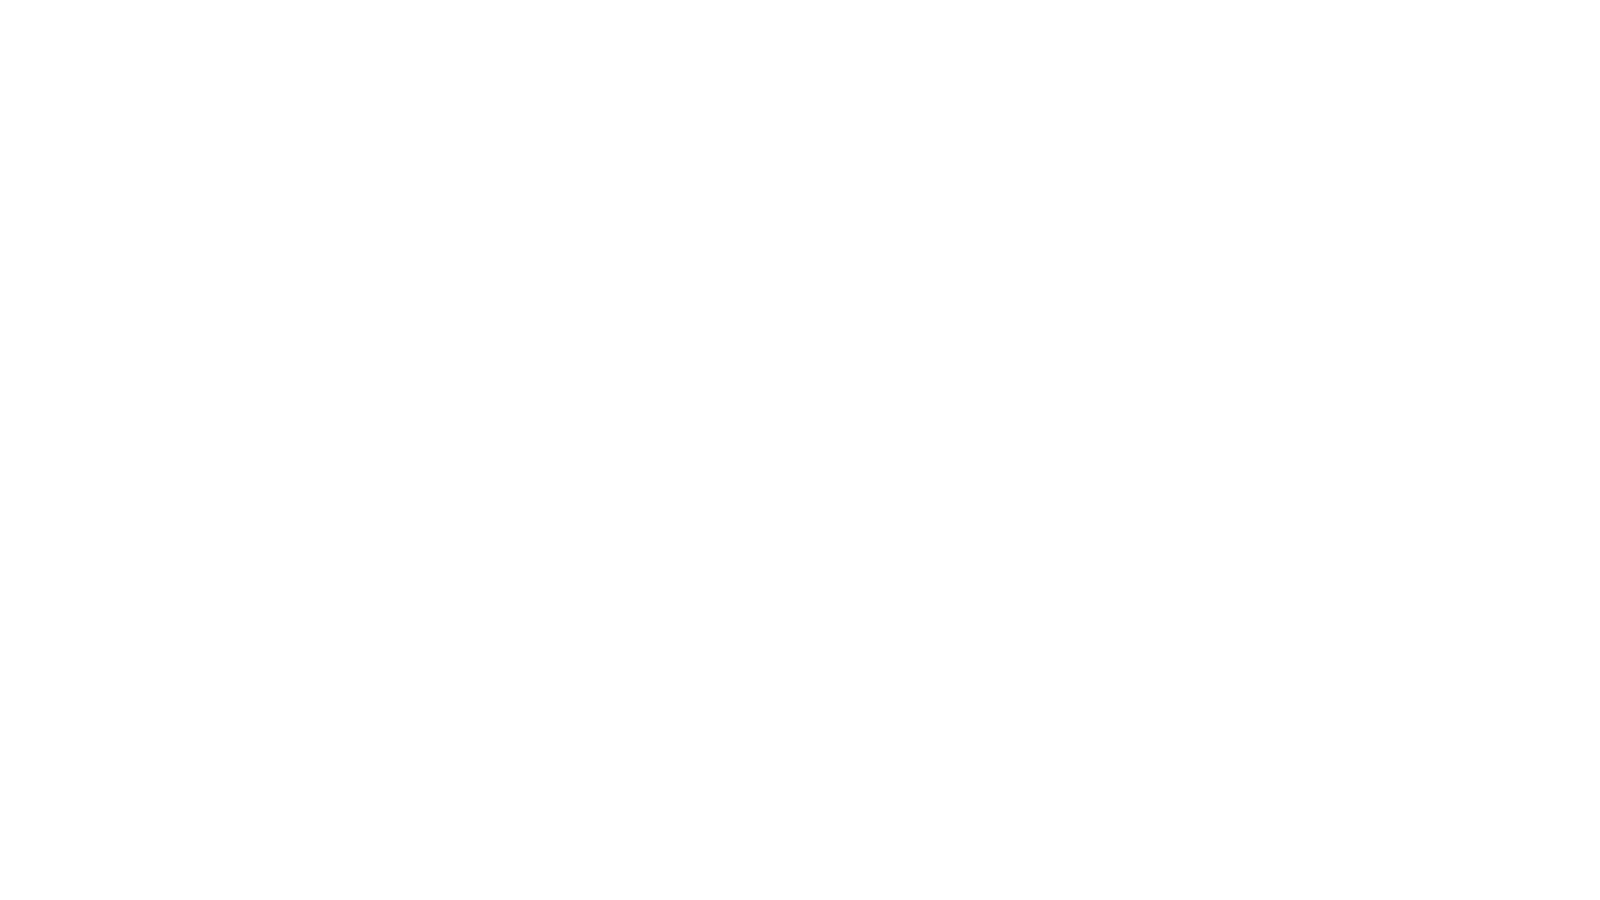 """Как проходит обучение дошкольников английскому языку в языковых школах """"Джей энд Эс"""", а так же новых программах обучения рассказала методист компании Тулина Элина Александровна  00:00 Зачем начинать учить английский до школы? 01:48 Как проходит урок английского языка у малышей? 05:15 В чем преимущества программы Pre-Primary School (+ предметы на английском языке)? 07:50 Что такое """"Субботняя школа""""?  Выбрать курс и записаться можно на сайте: https://clck.ru/XetZ9 _________ Мы в социальных сетях: Вконтакте: https://vk.com/jands_company Instagram: https://www.instagram.com/jands.omsk Facebook: https://www.facebook.com/jands.company"""